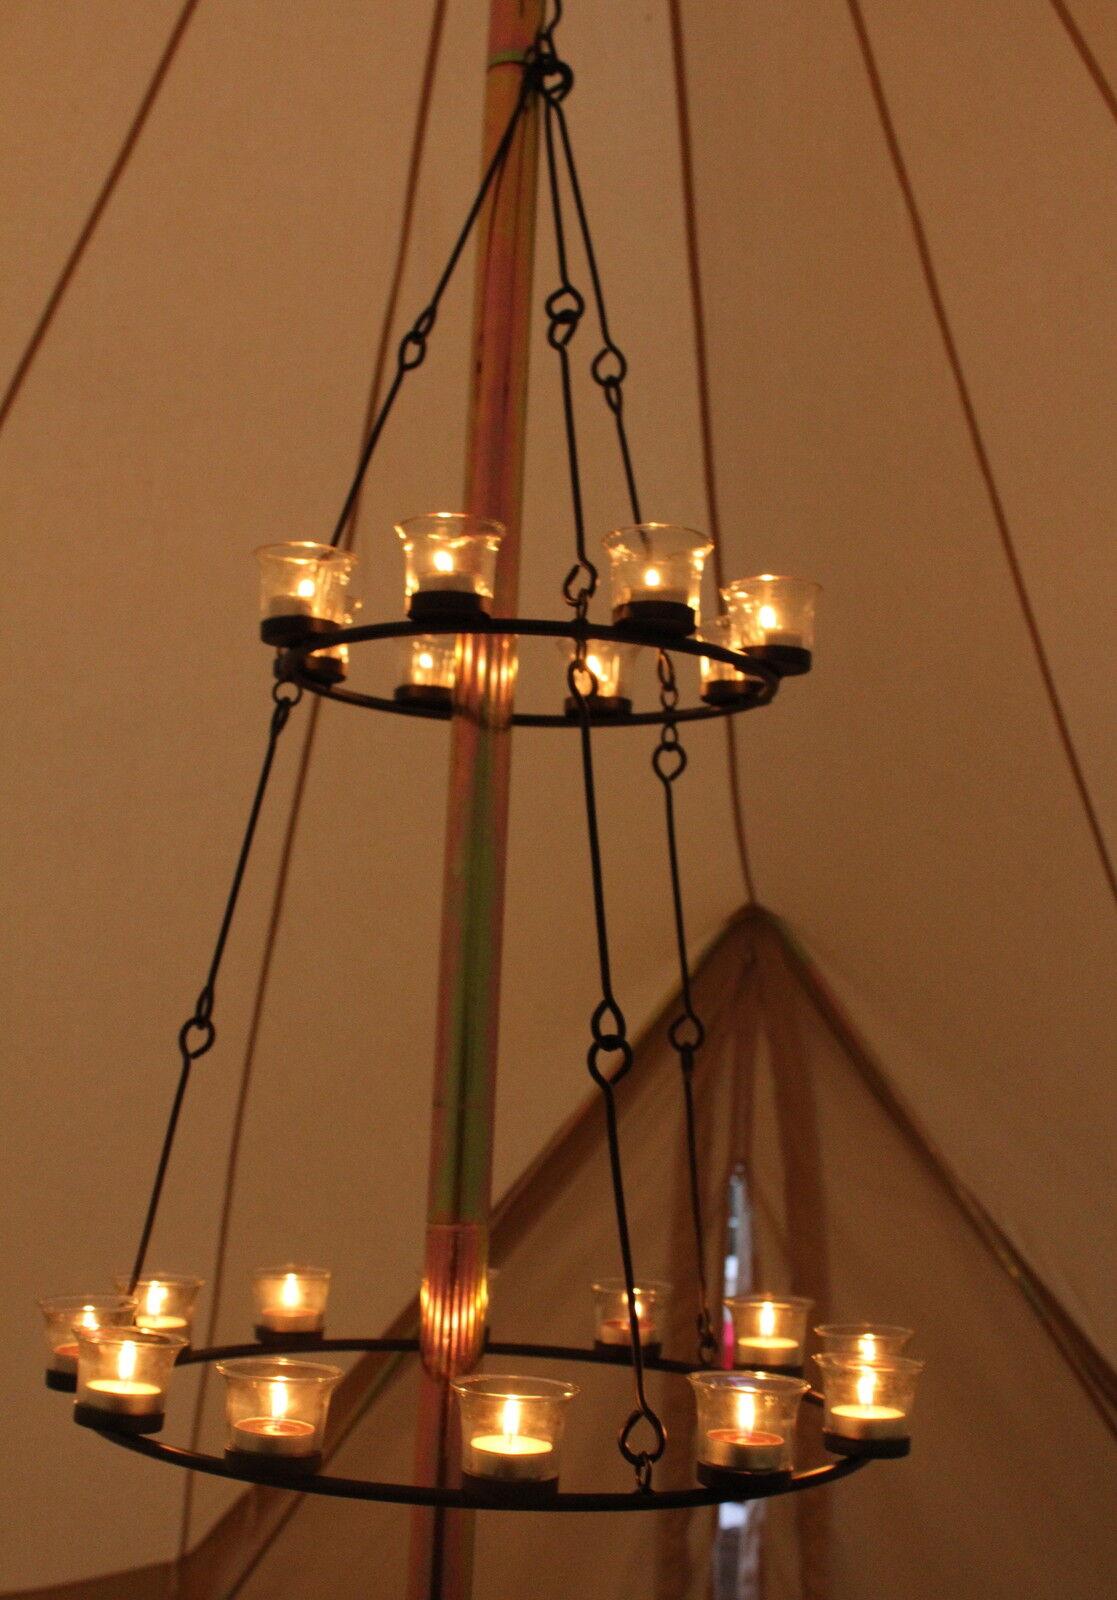 Tea light chandelier double tier multi coloured glass by bell tent tea light chandelier double tier multi coloured glass by bell tent boutique aloadofball Gallery